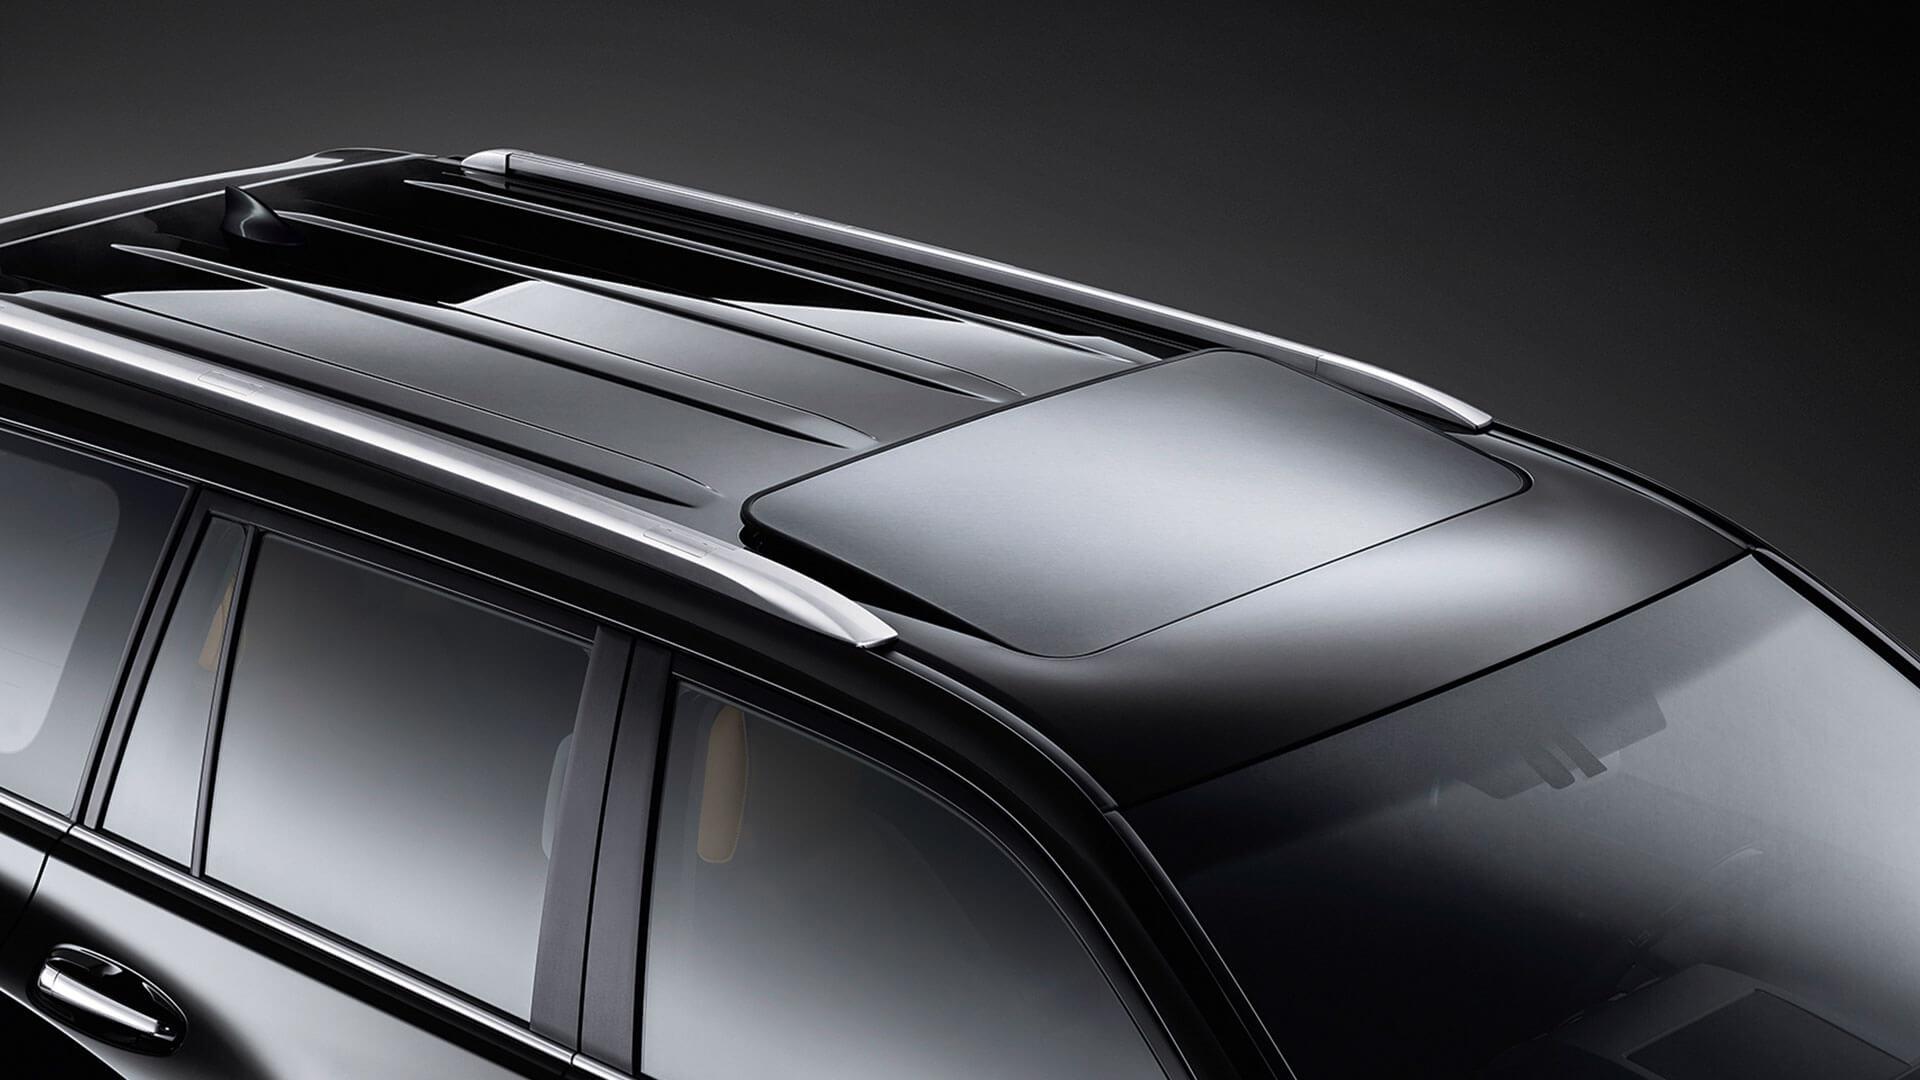 2017 lexus gx 460 features sun roof